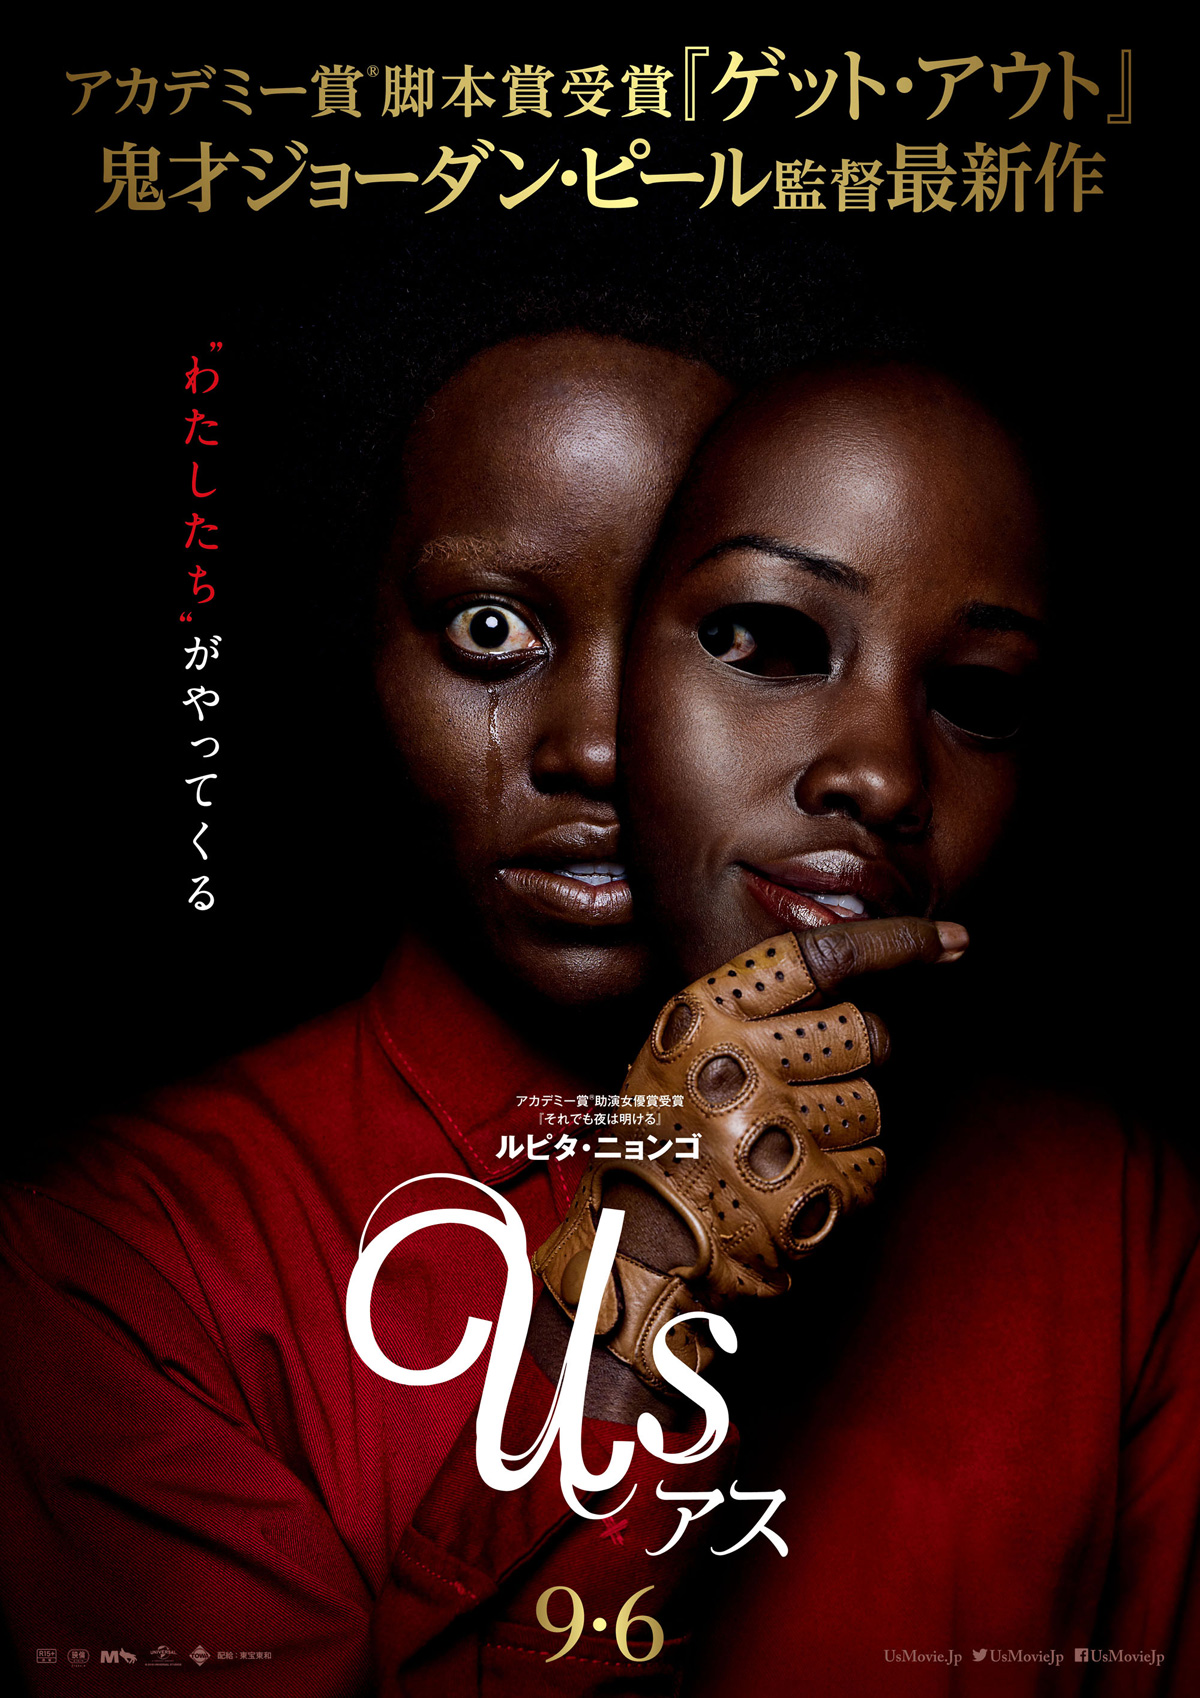 映画『USアス』のチラシポスター